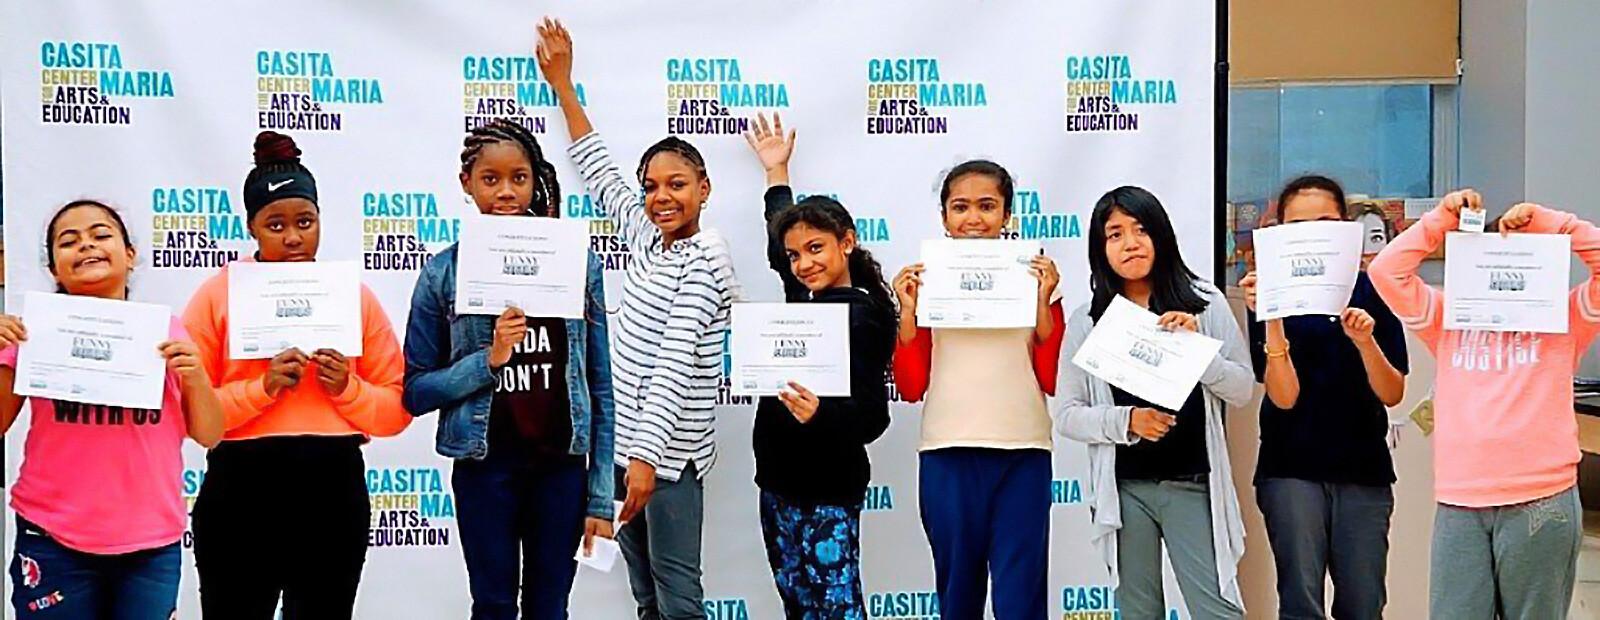 CasitaMaria-girls-certificates